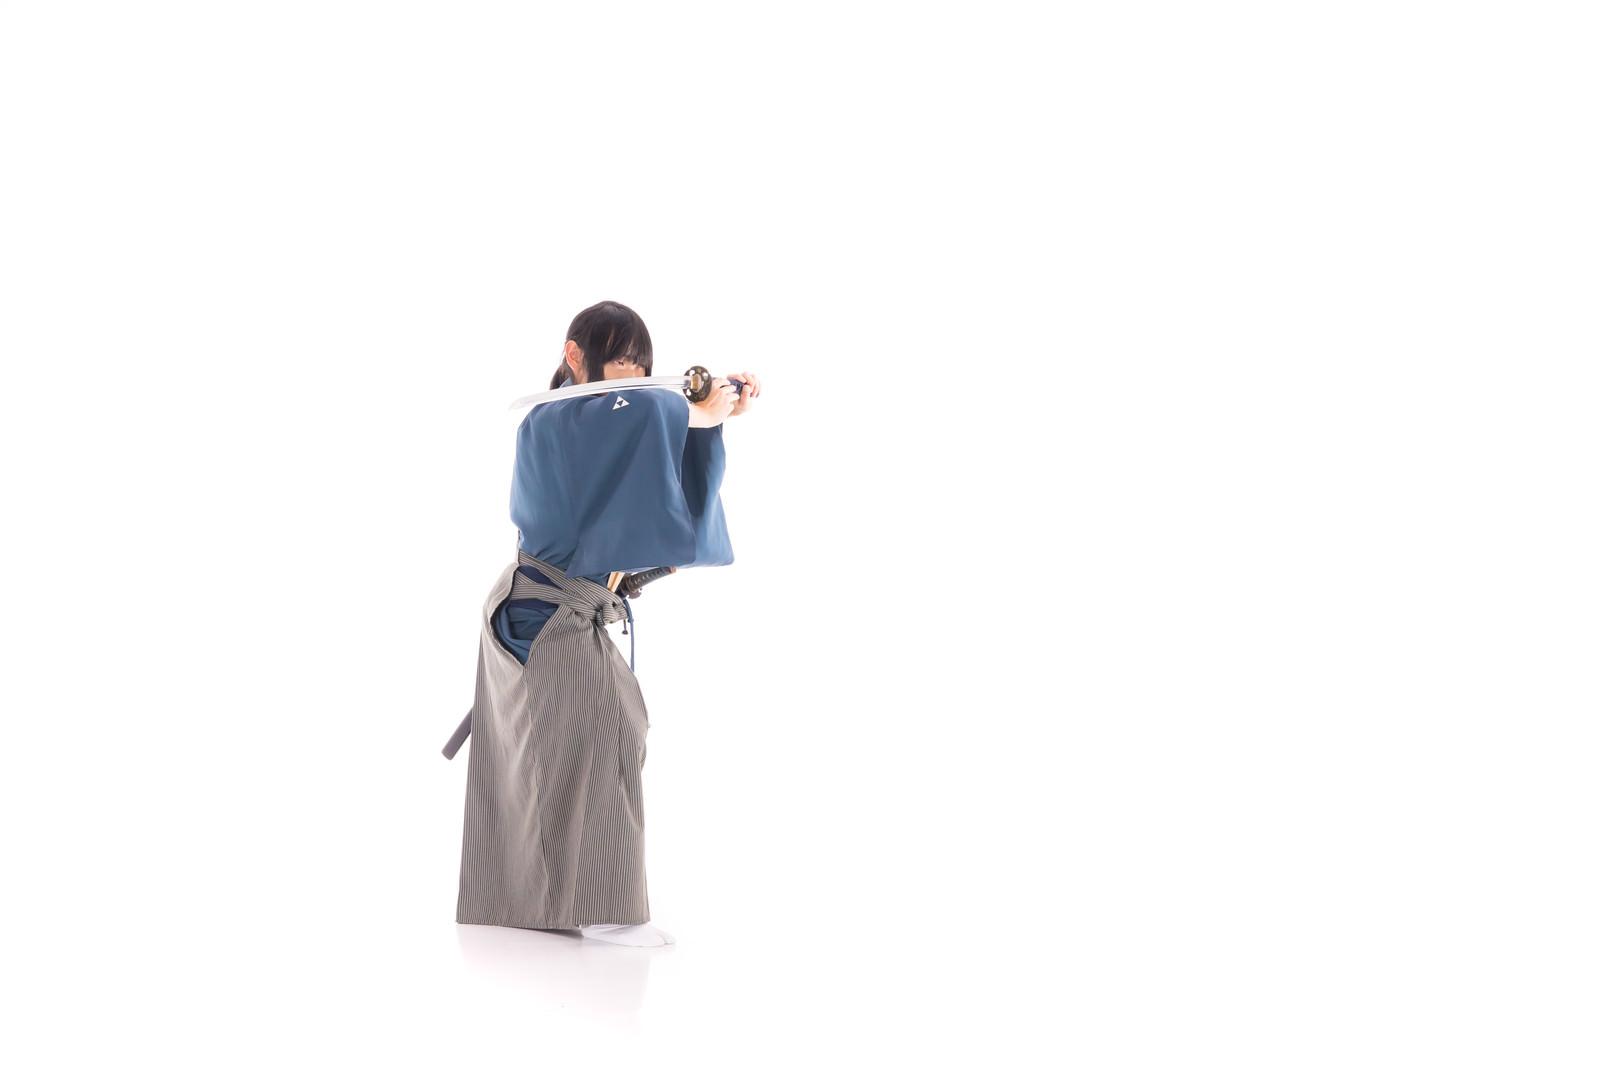 「構え直す剣士」の写真[モデル:まーこ]